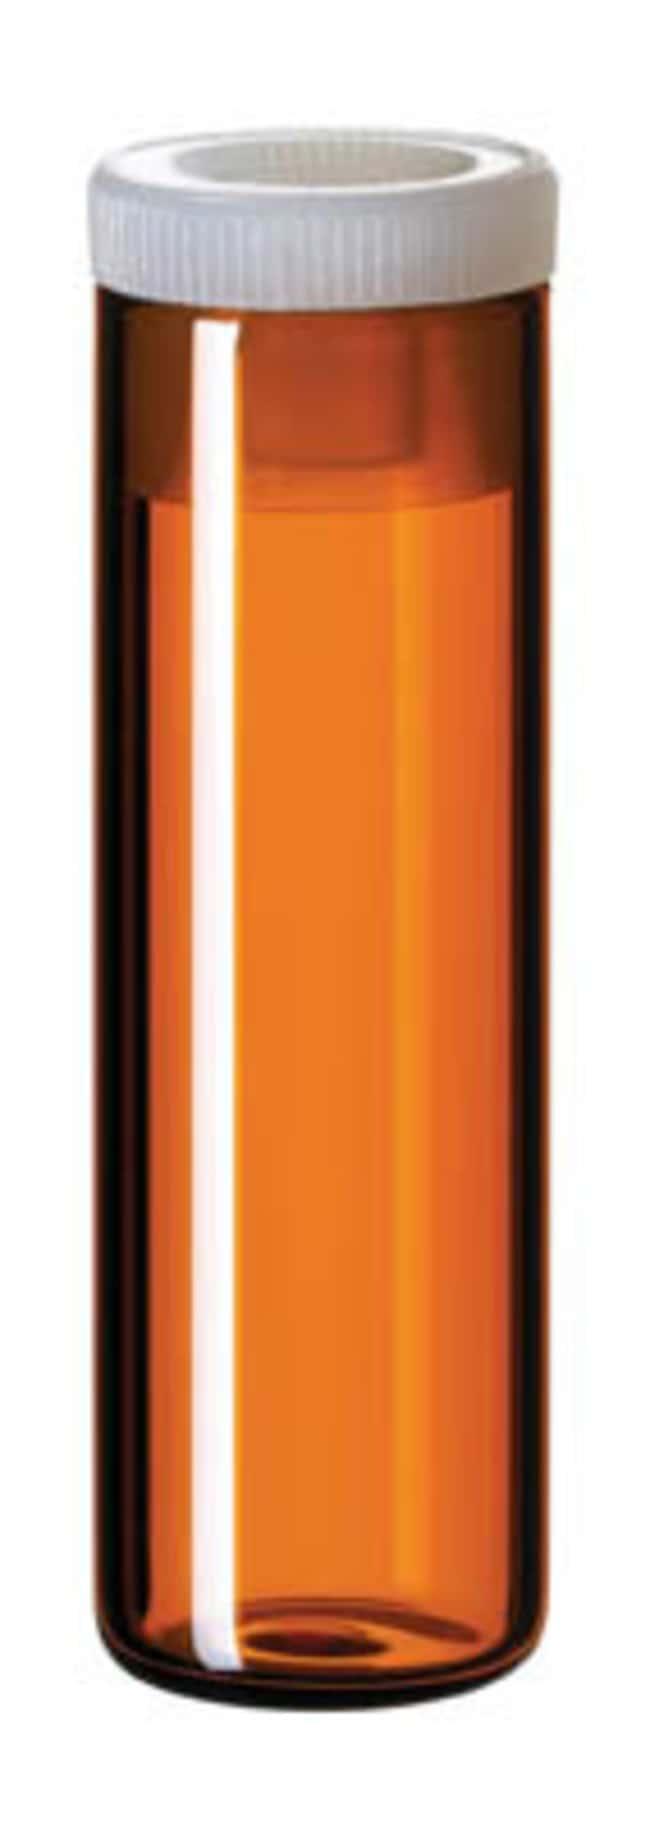 Fisherbrand™Flachbodenfläschchen aus Glas Gelb, 4ml, flacher Boden, 44.6mm Höhe Fisherbrand™Flachbodenfläschchen aus Glas